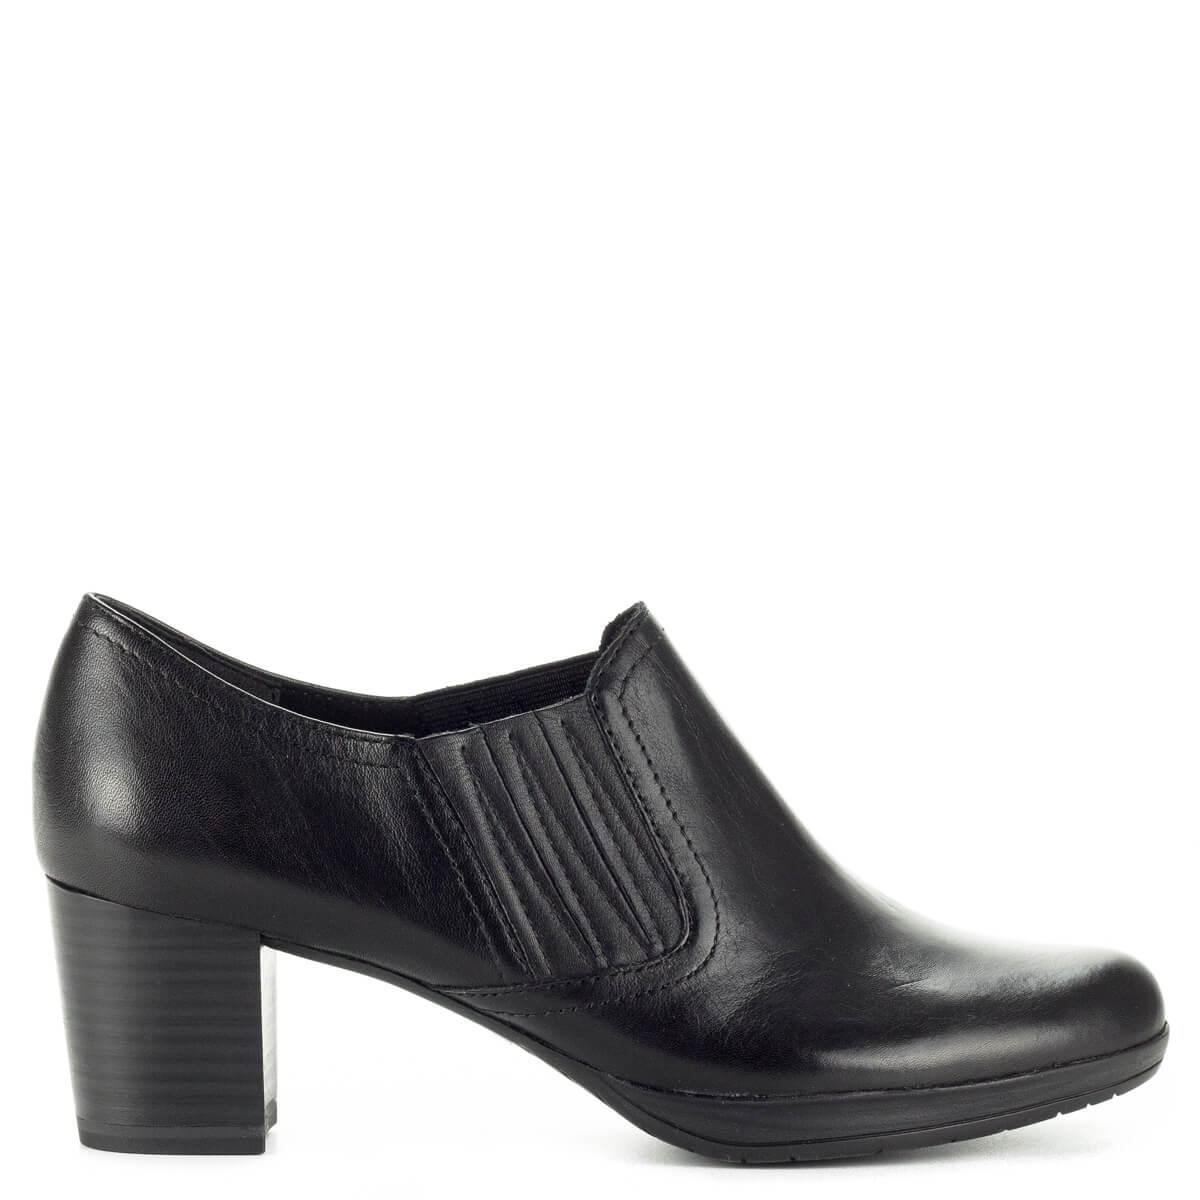 9f07a5702b Marco Tozzi zárt magassarkú cipő 5,5 cm magas AntiShokk sarokkal, vastag  platformos talppal ...